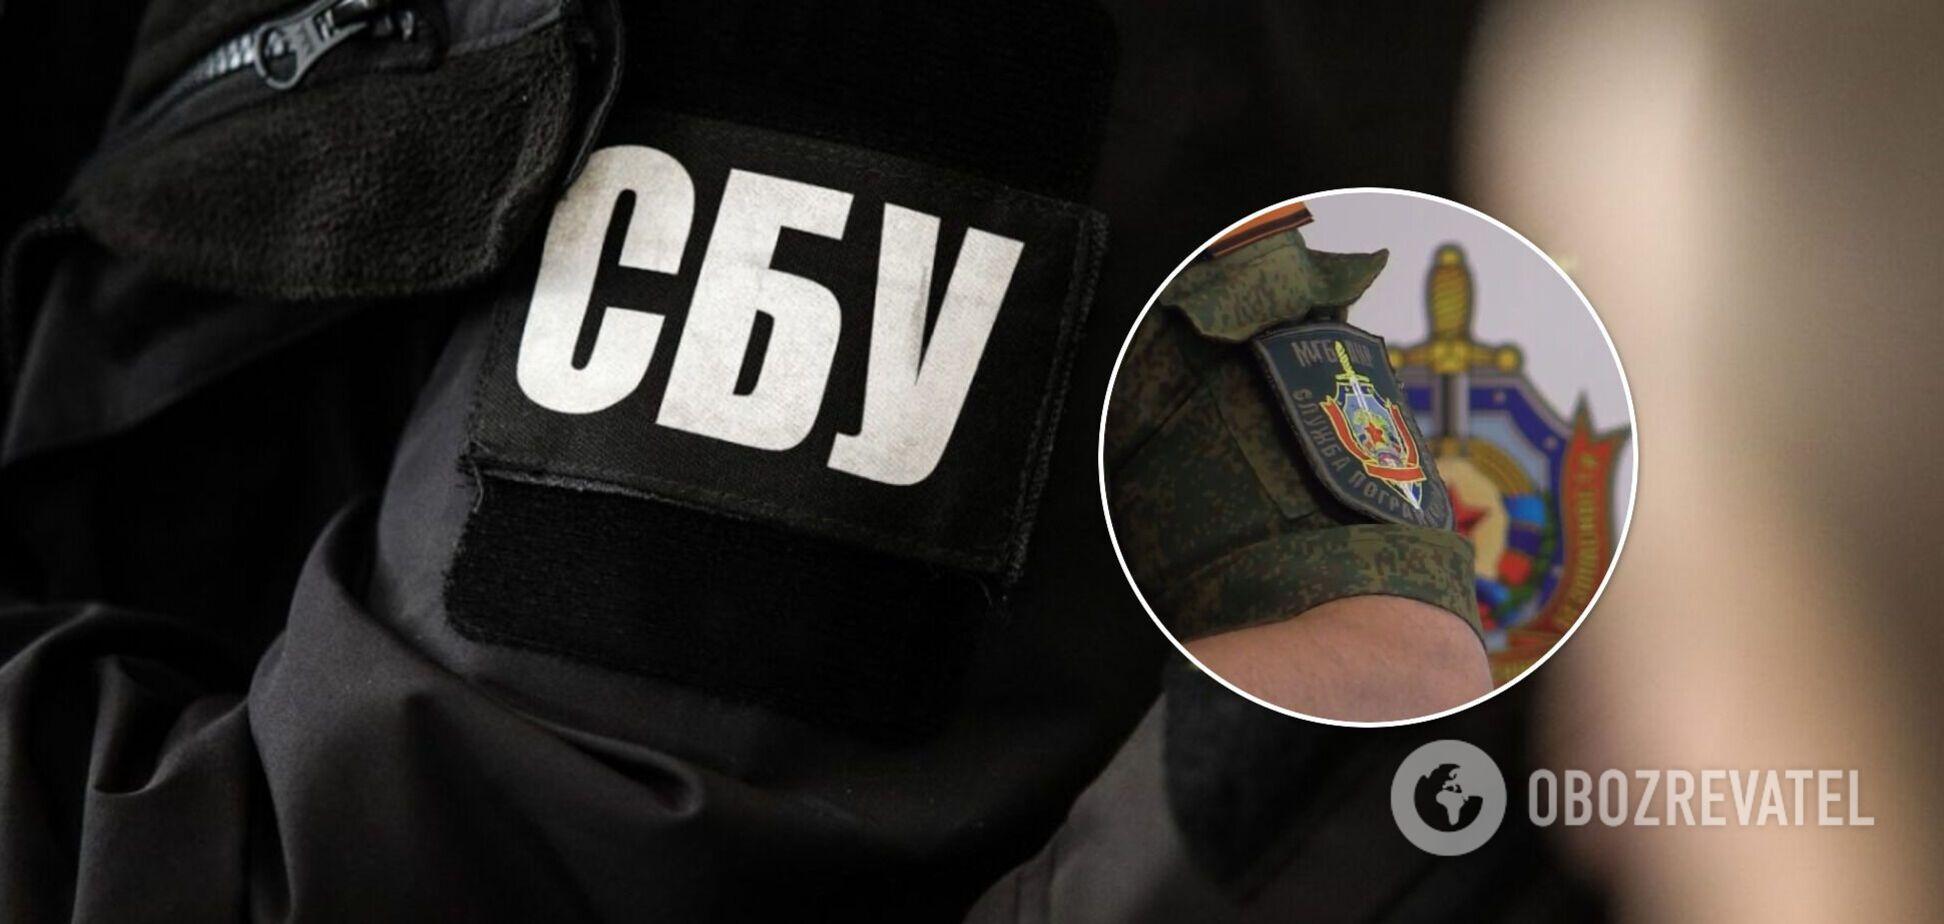 СБУ спіймала терориста 'ЛНР'